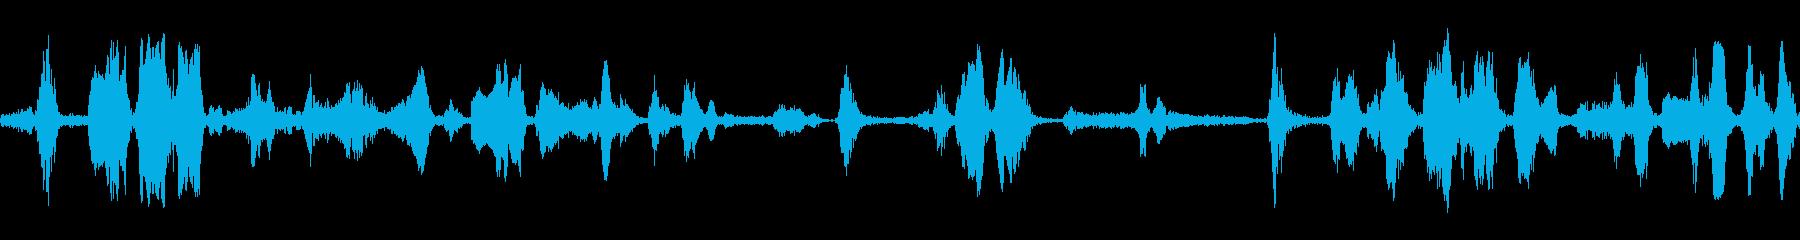 チグルかわいいの再生済みの波形